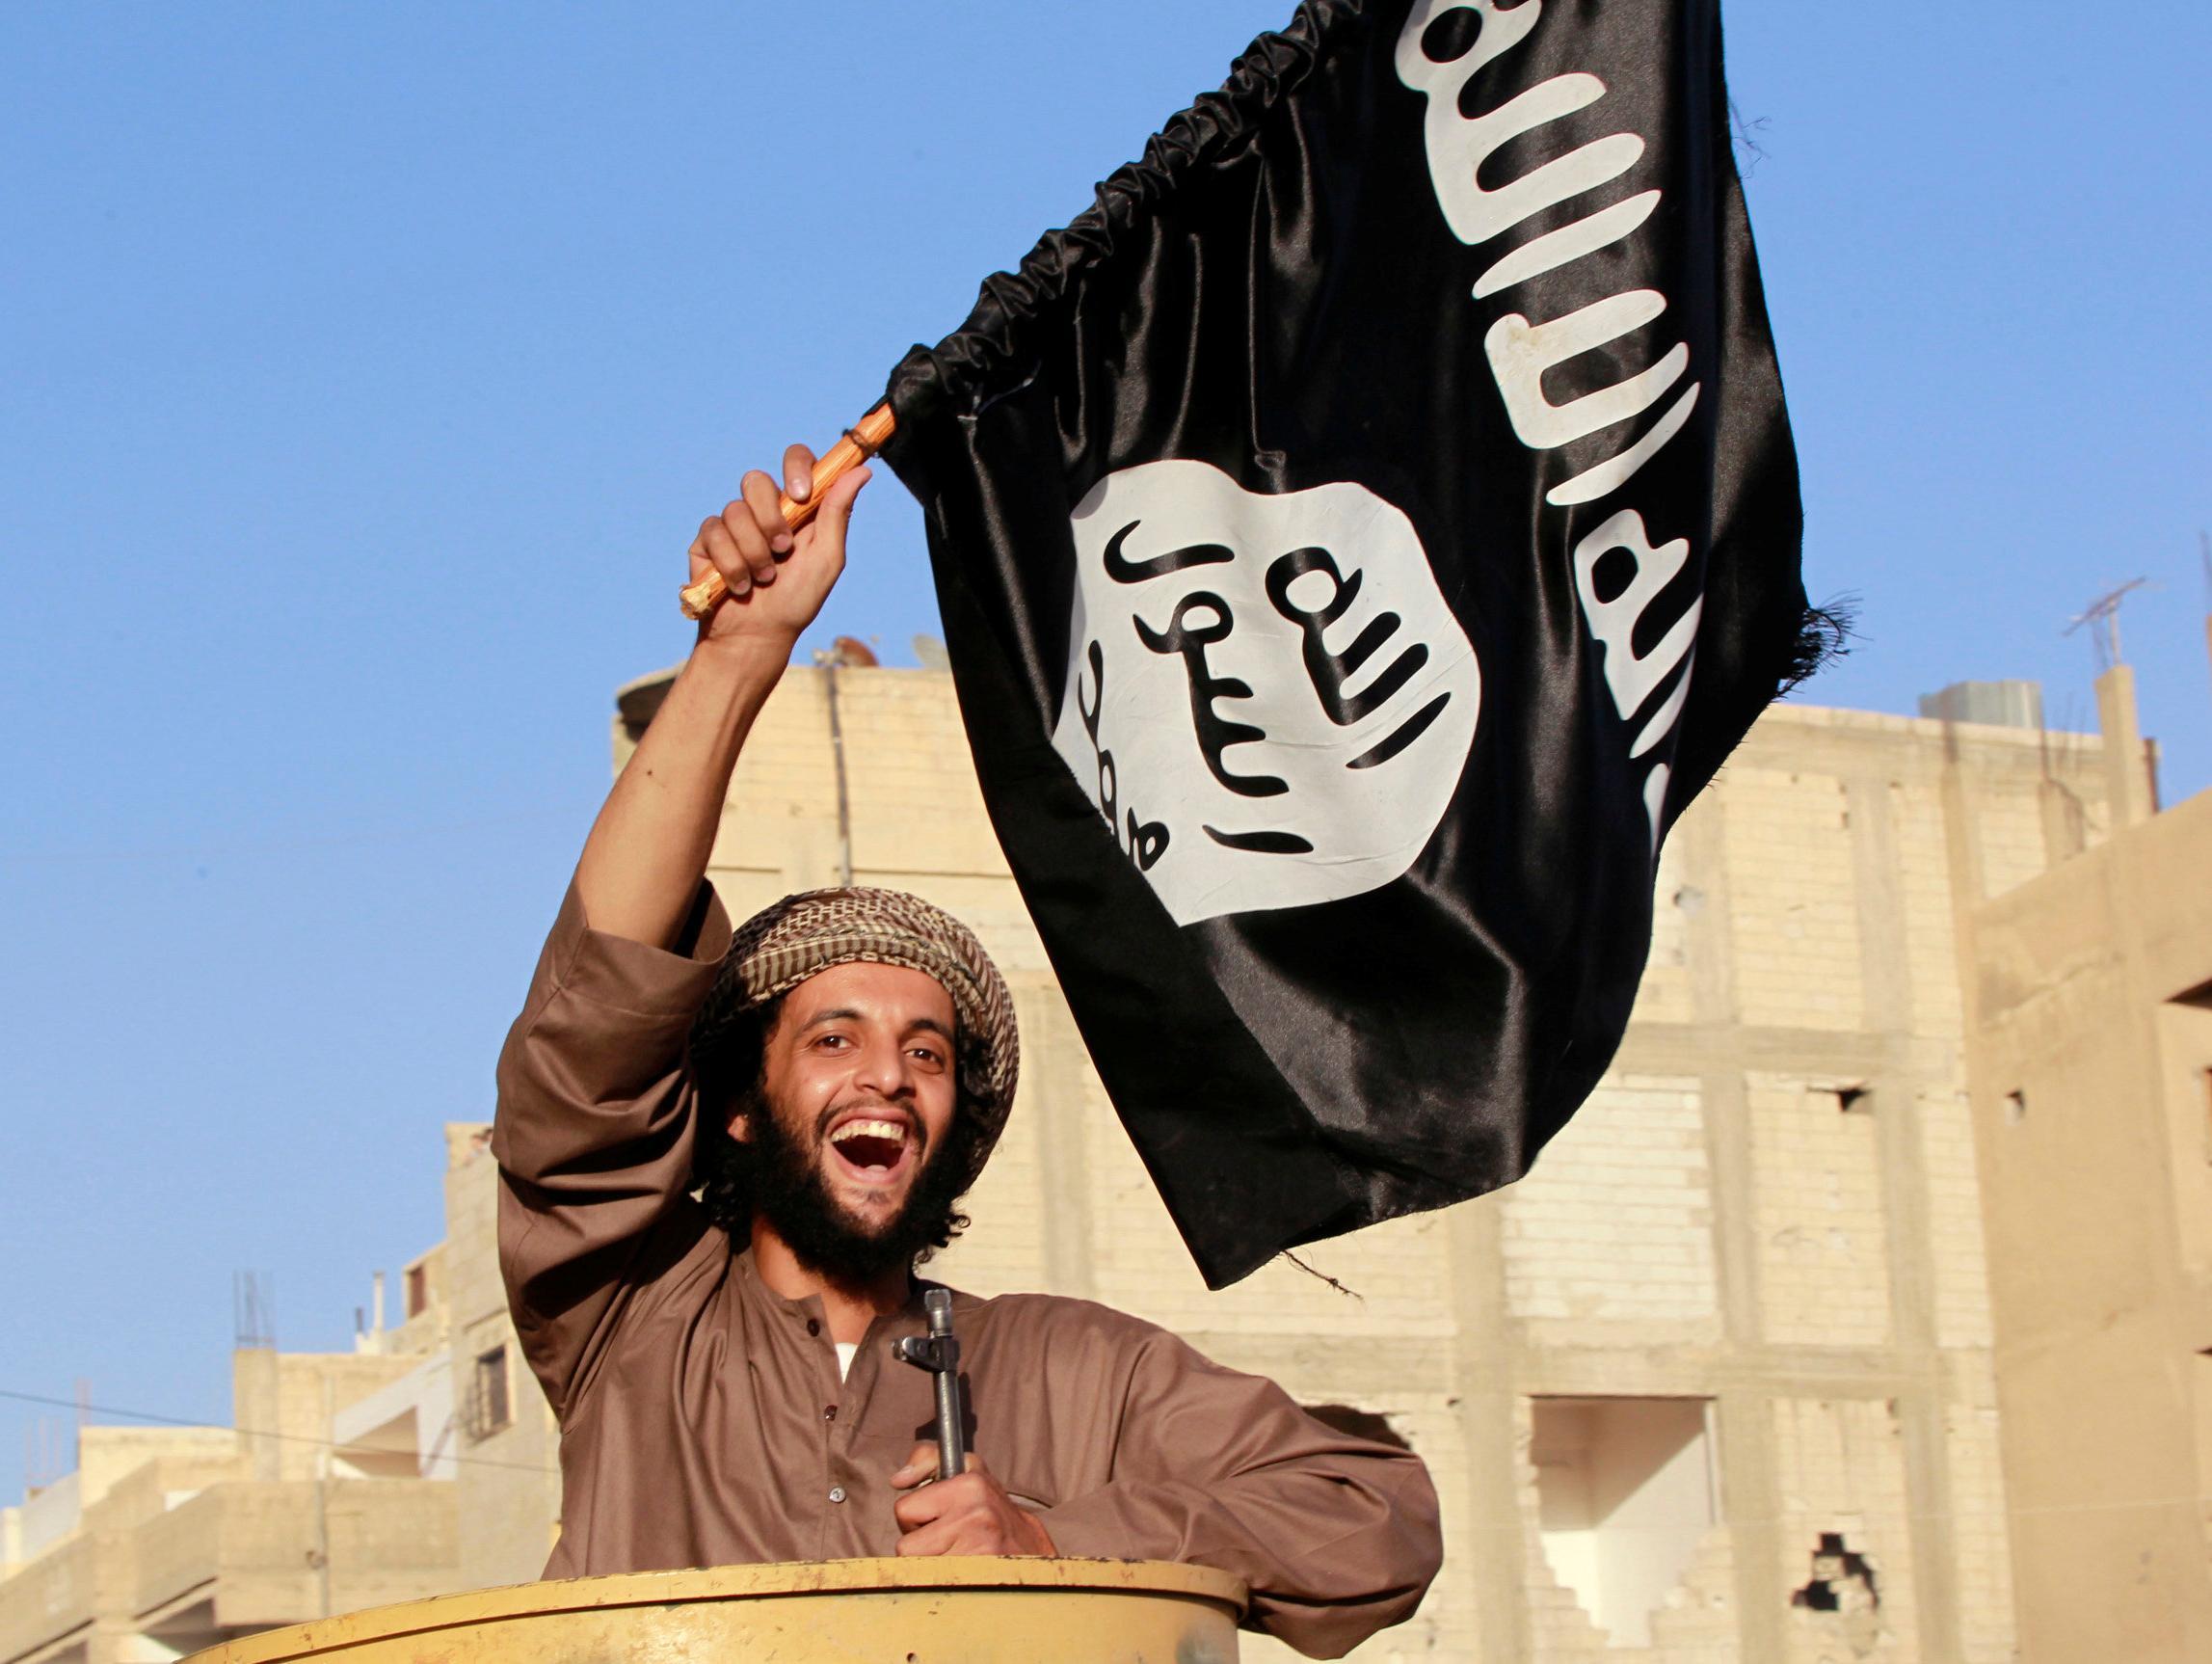 אלפי פעילים יקימו תאי טרור באירופה: החשש הישראלי אחרי נפילת דאעש